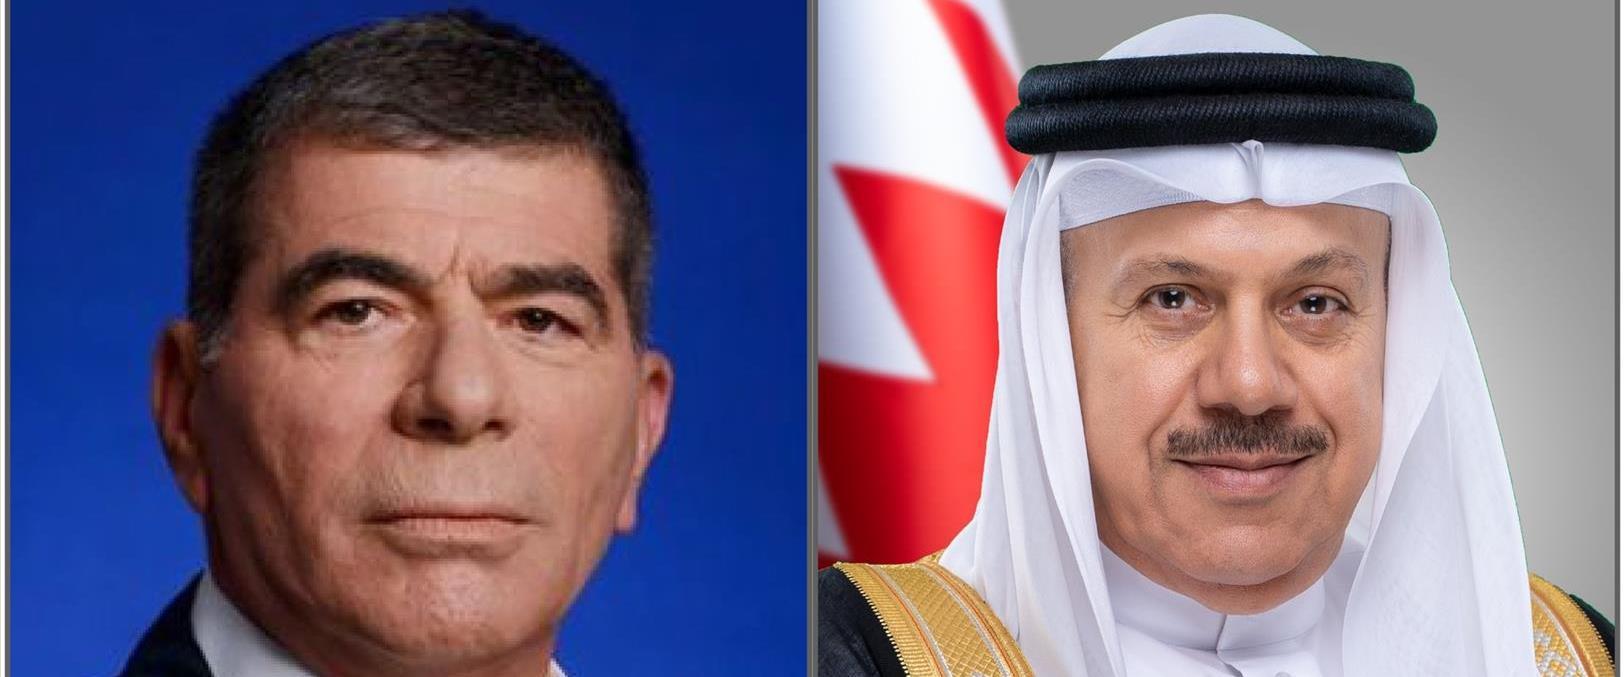 שר החוץ גבי אשכנזי ומקבילו הבחרייני